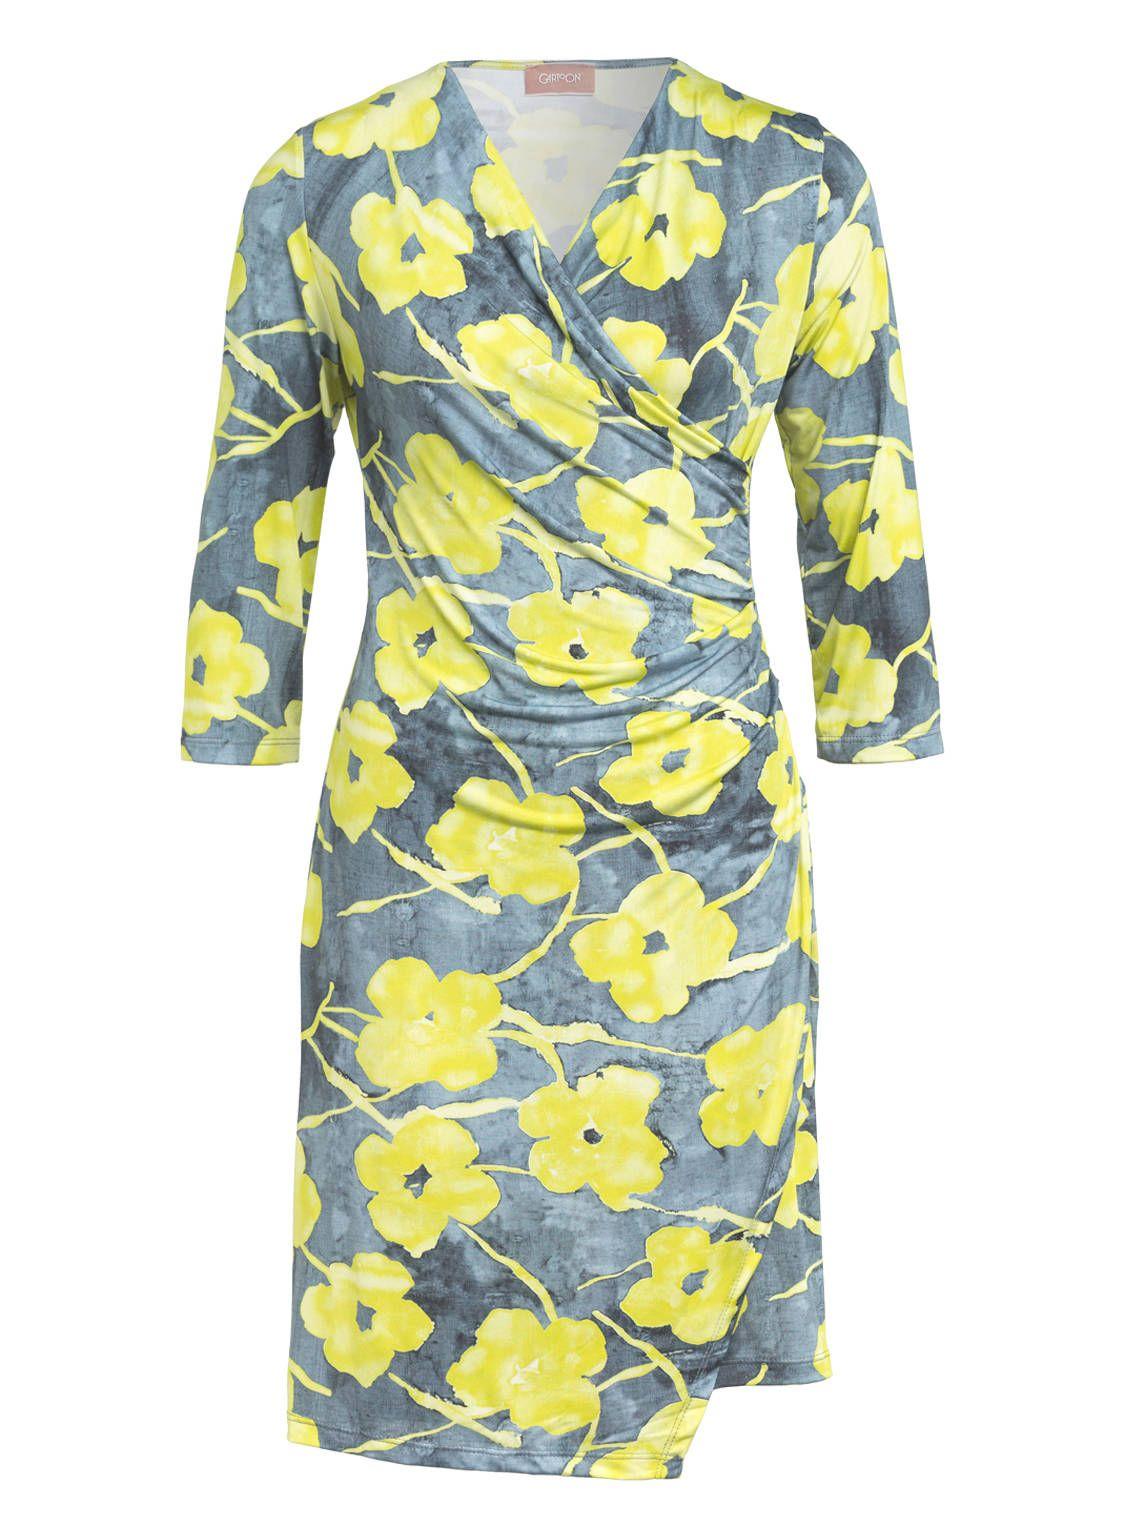 Kleid in Wickel-Optik von CARTOON bei Breuninger kaufen